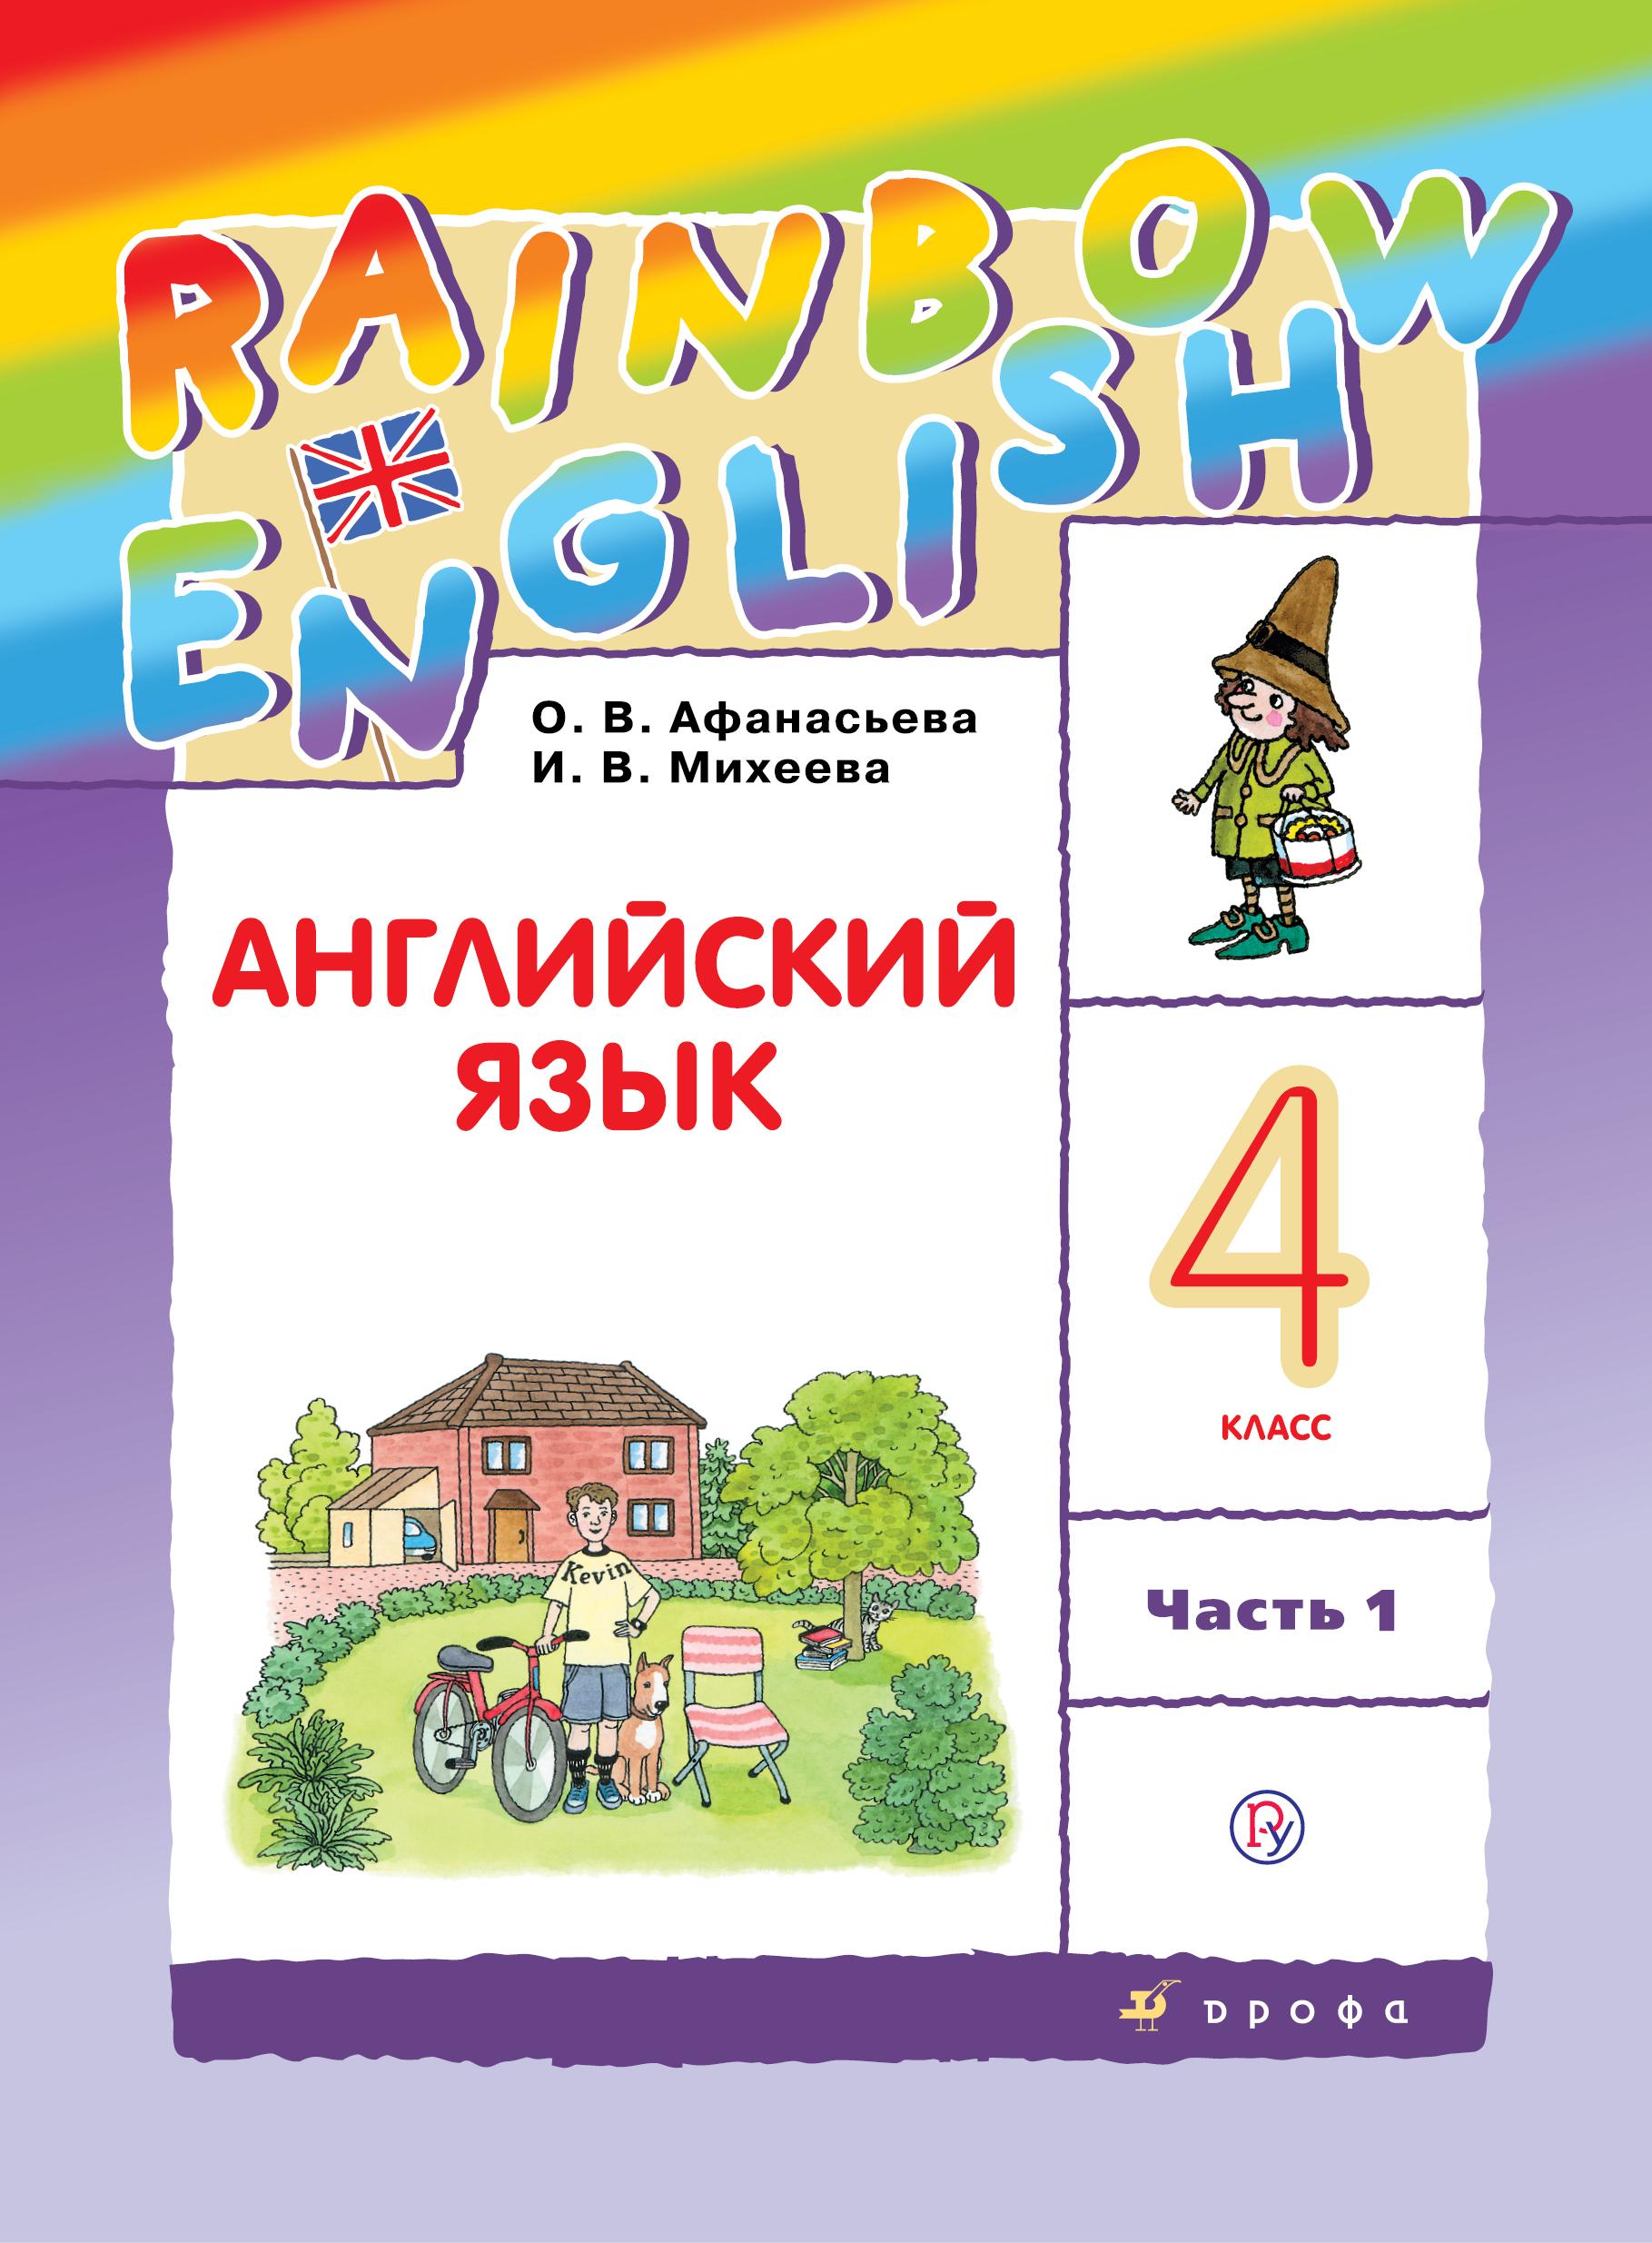 Английский язык. 4 класс. Учебник. В 2 частях. Часть 1, О. В. Афанасьева, И. В. Михеева